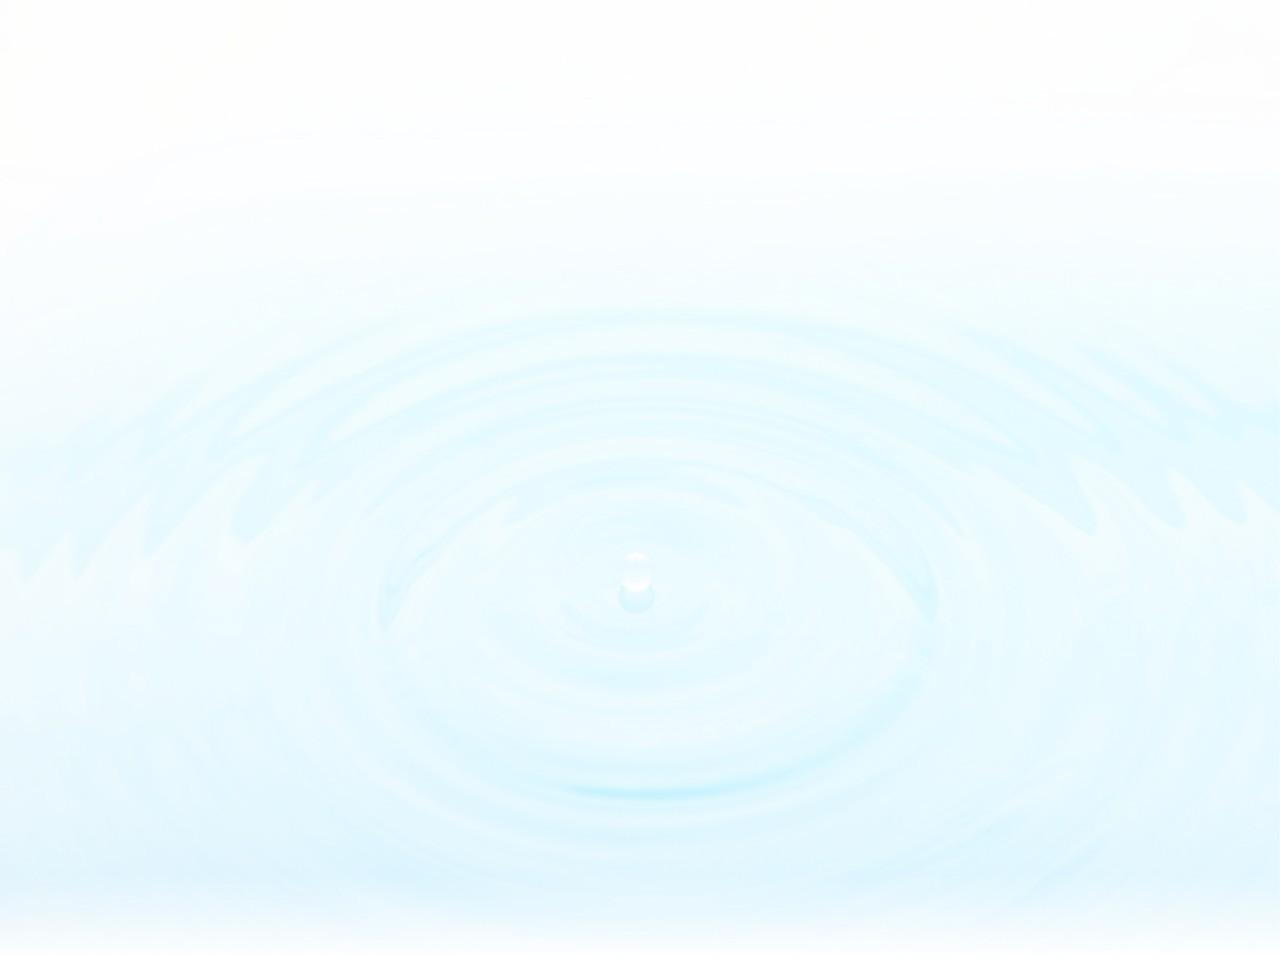 株式会社原田鑿井設備工業所